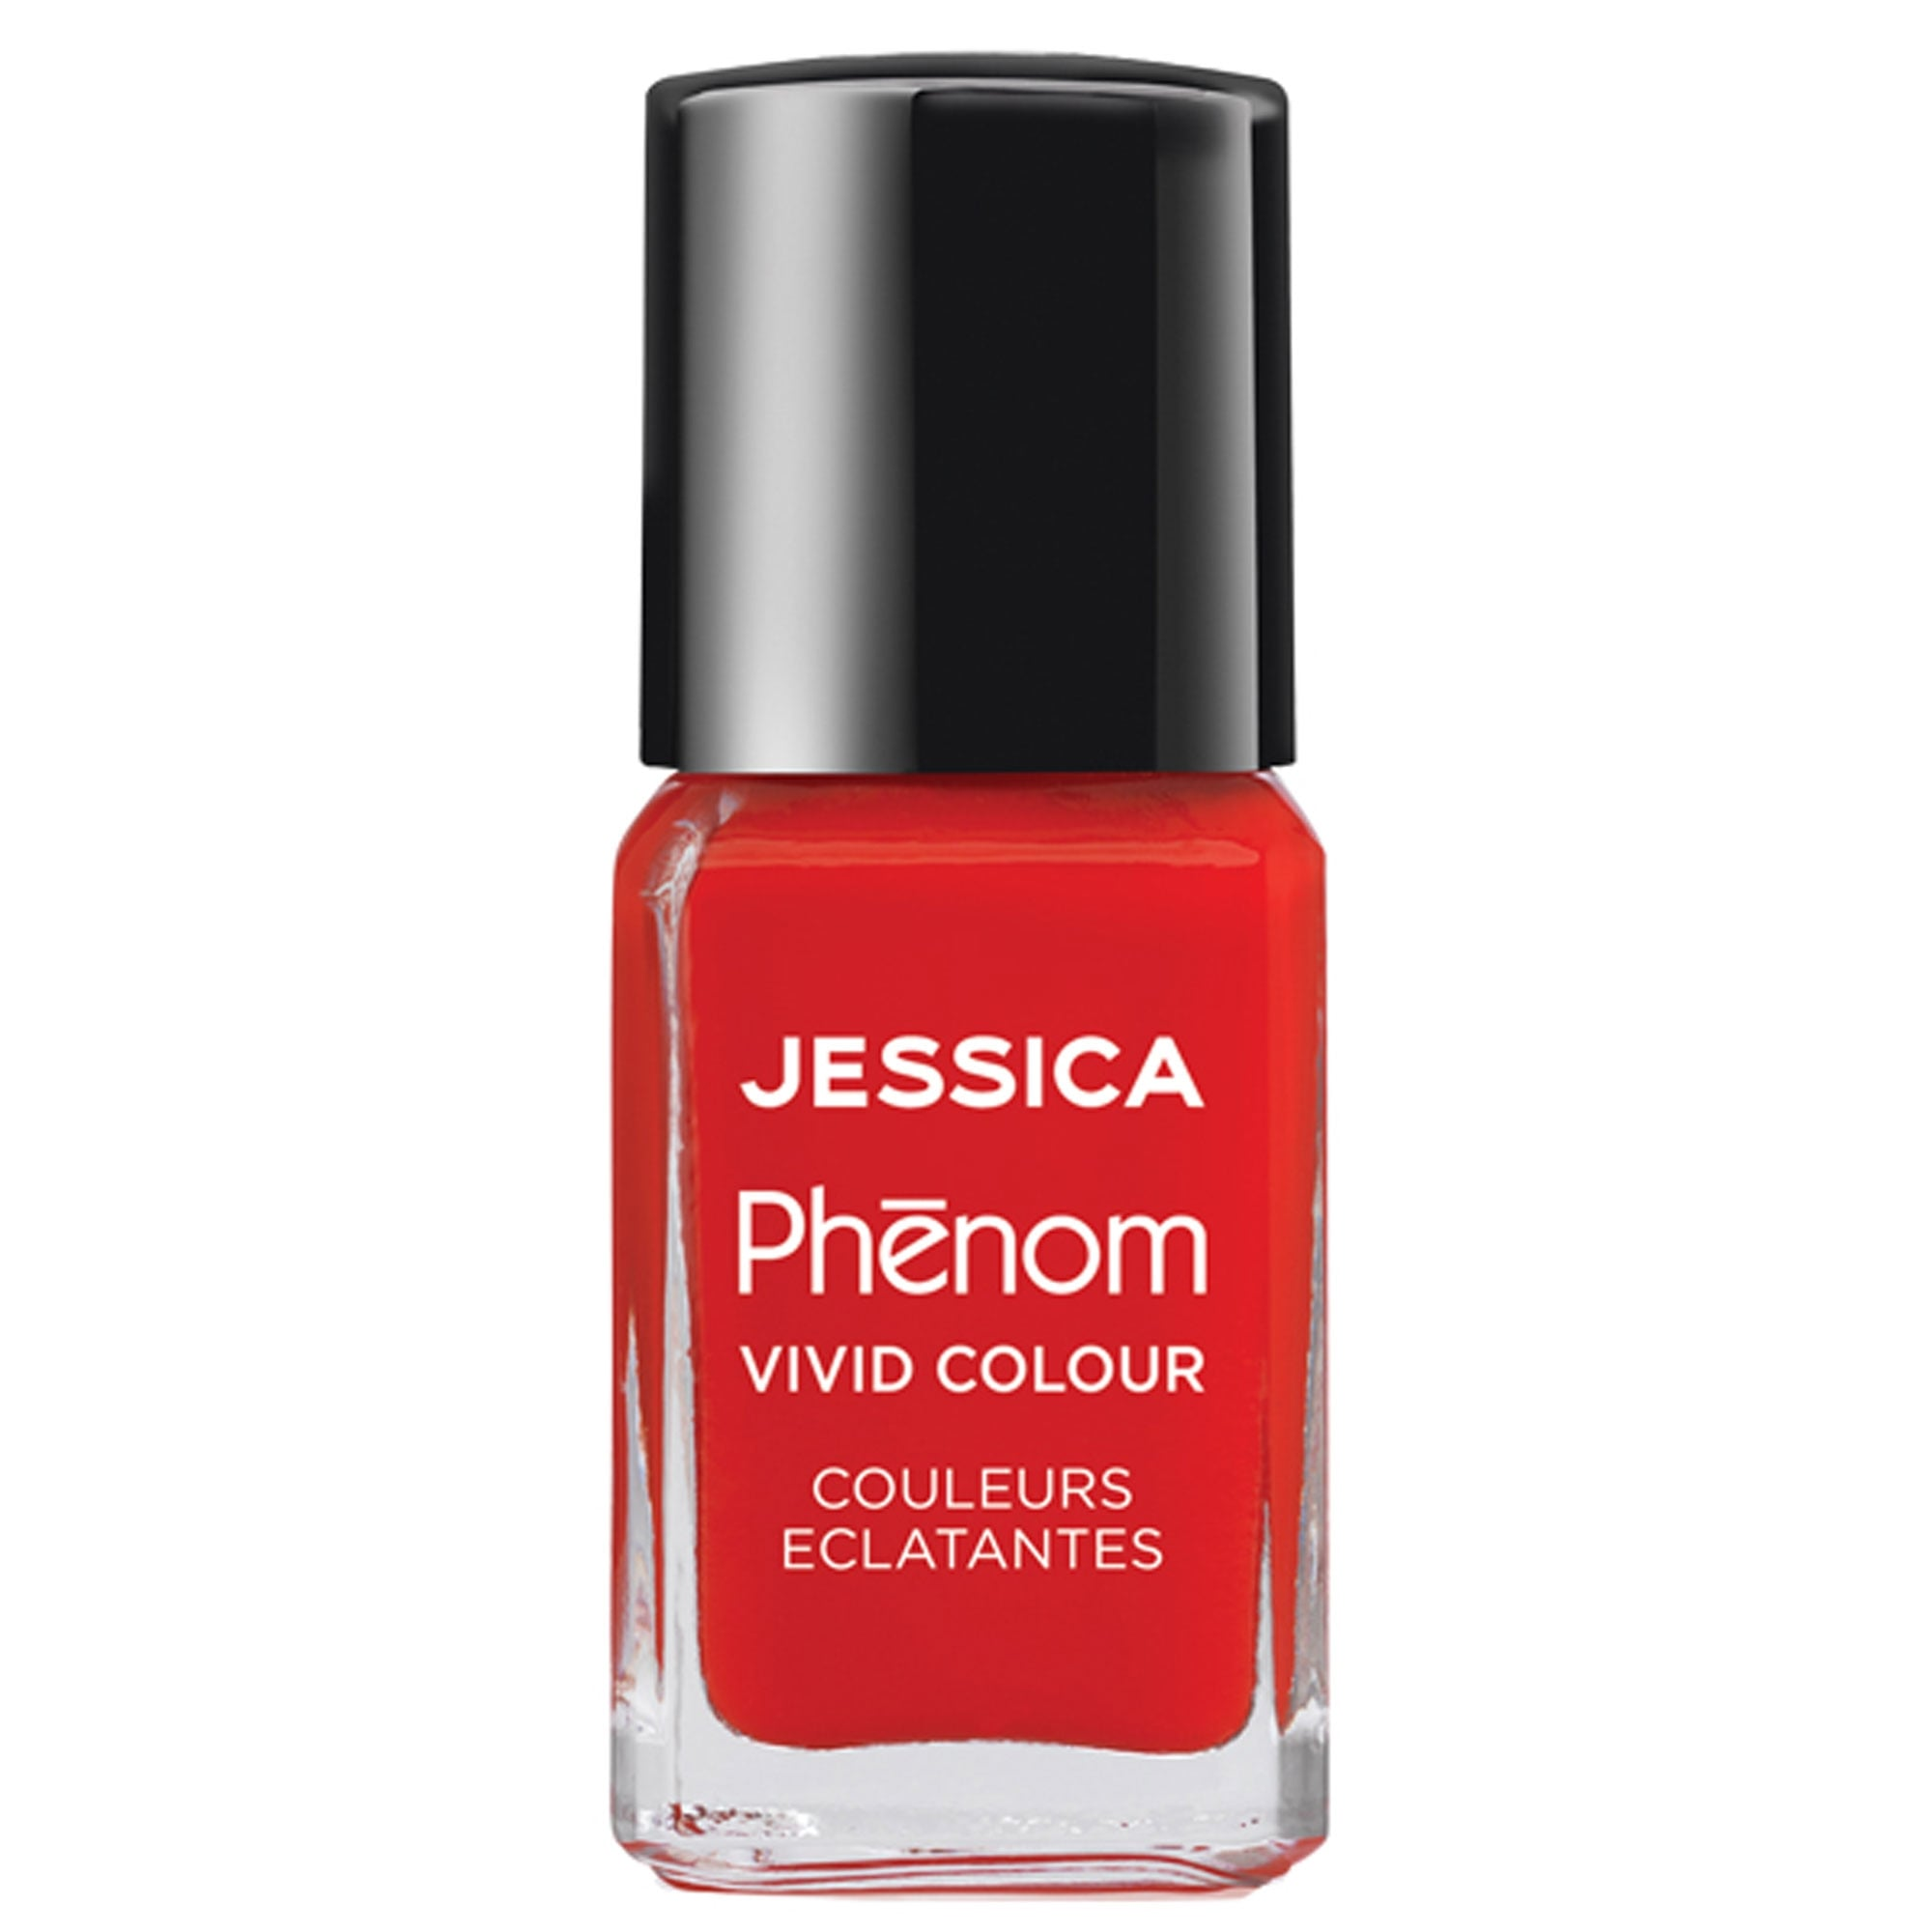 Jessica Vivid Colour Geisha Girl Online At Nail Polish Direct